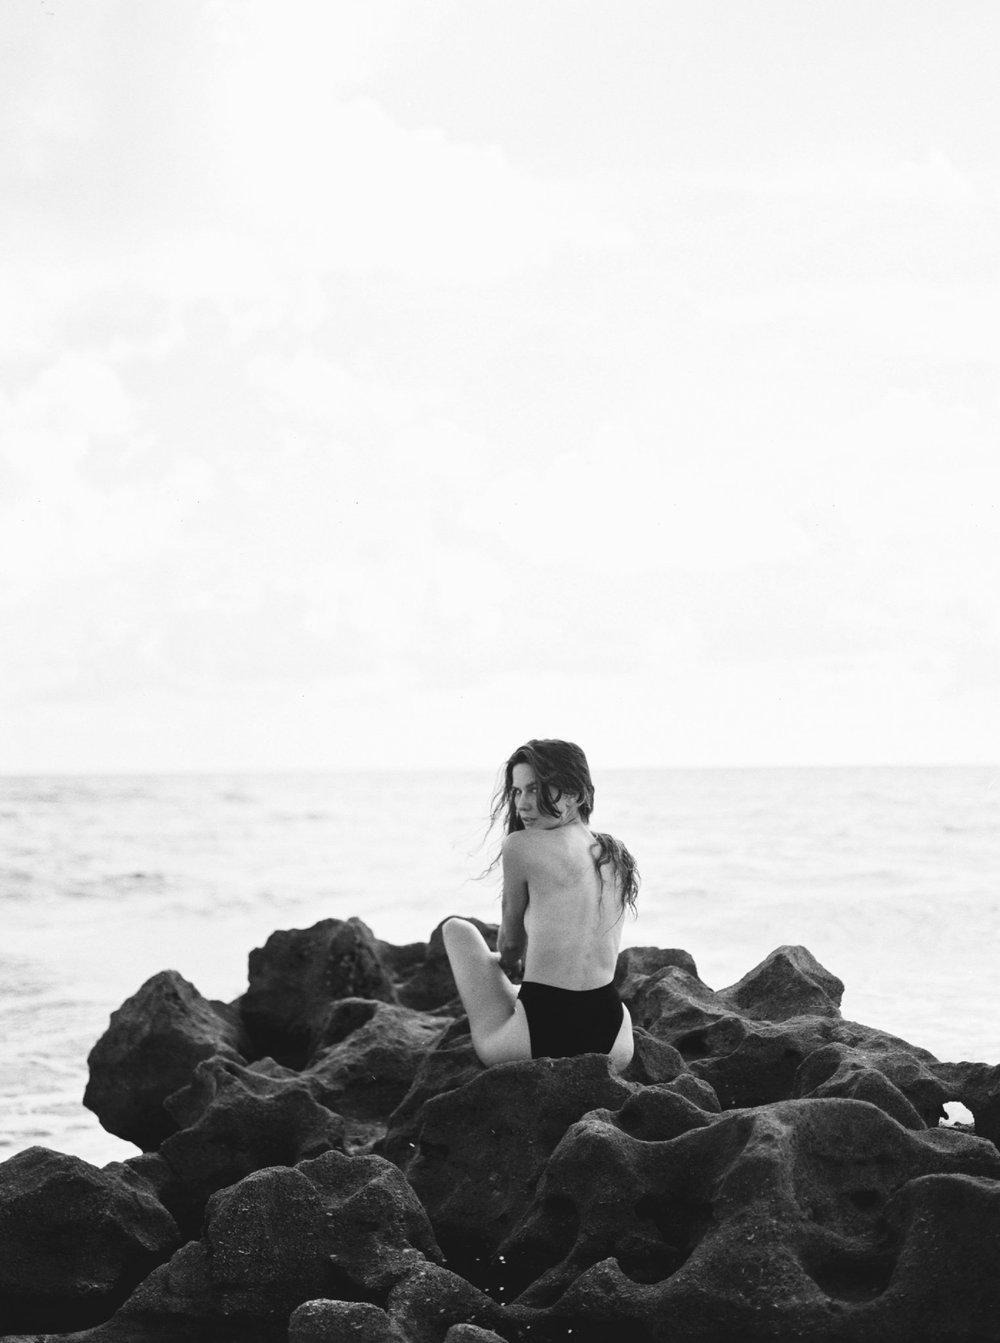 west palm beach boudoir photographer shannon griffin photography_0009.jpg